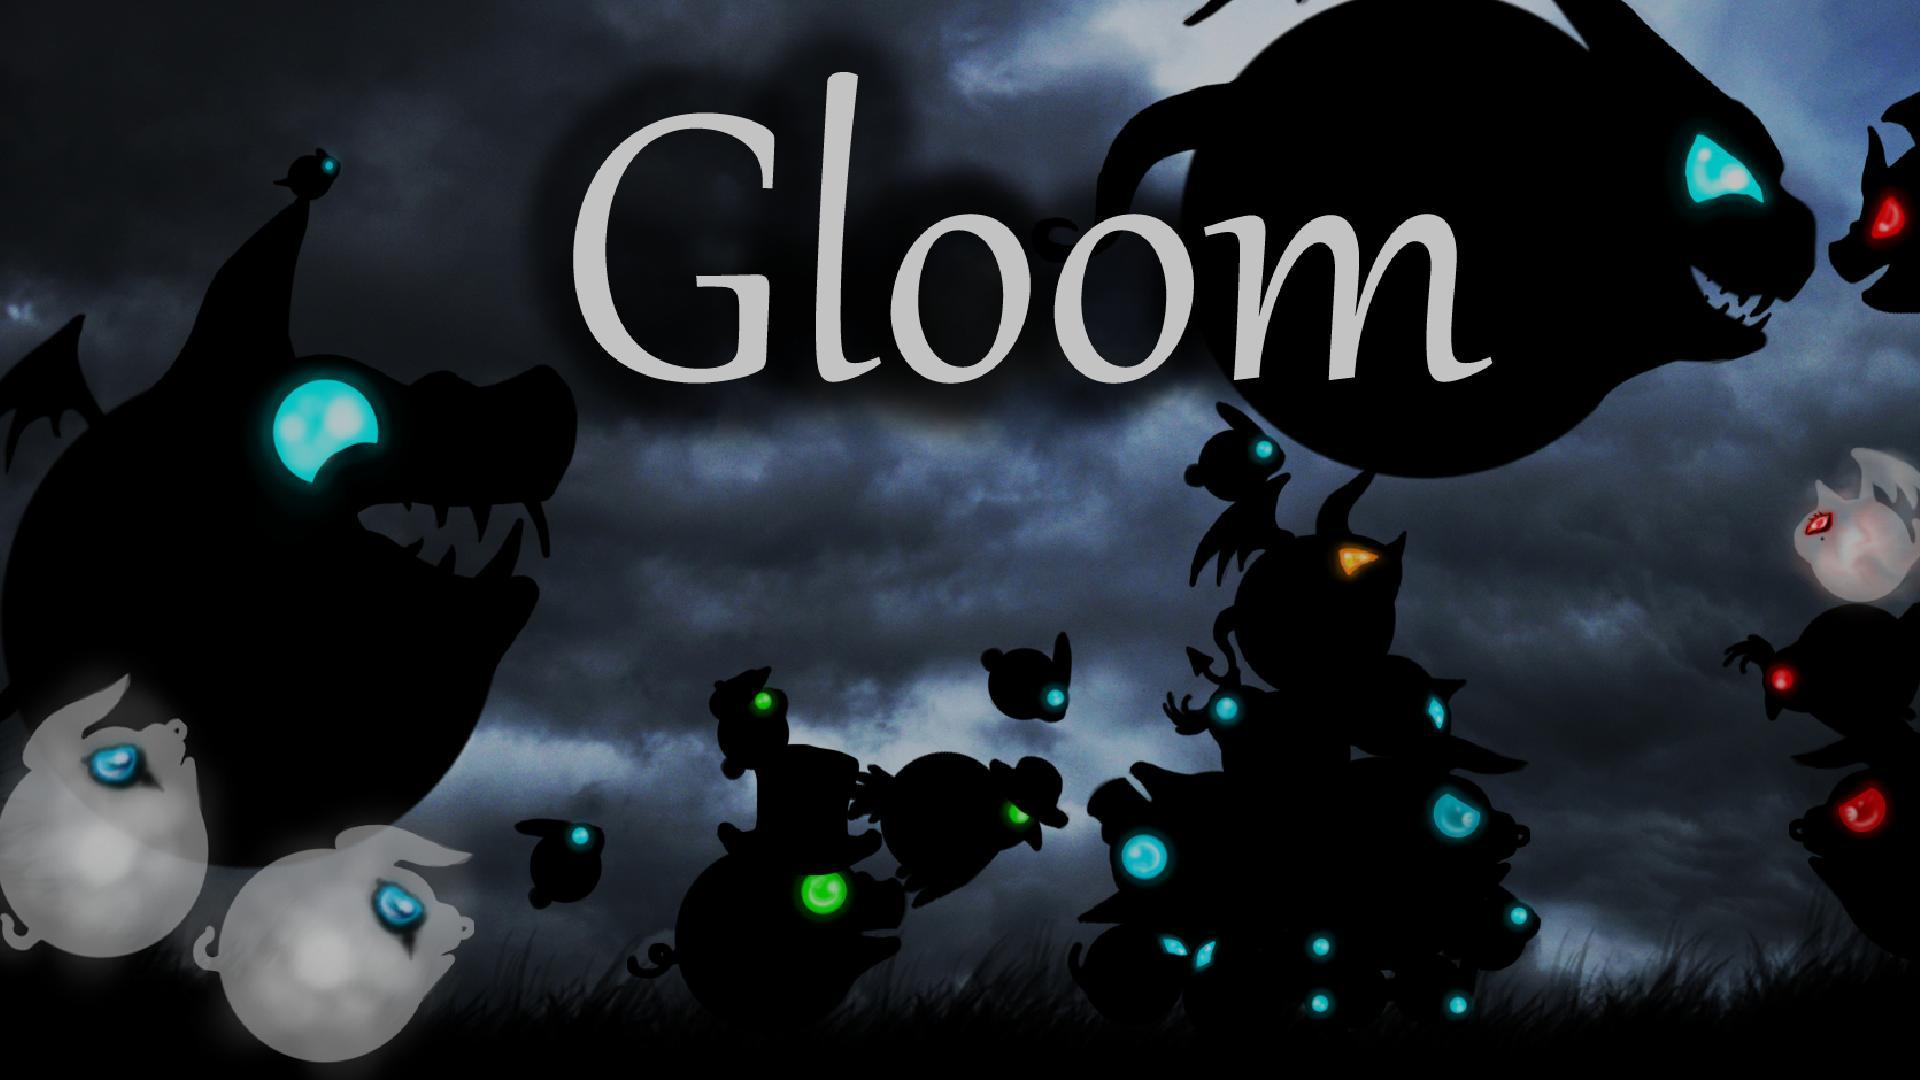 تحميل لعبهGloom الظلام